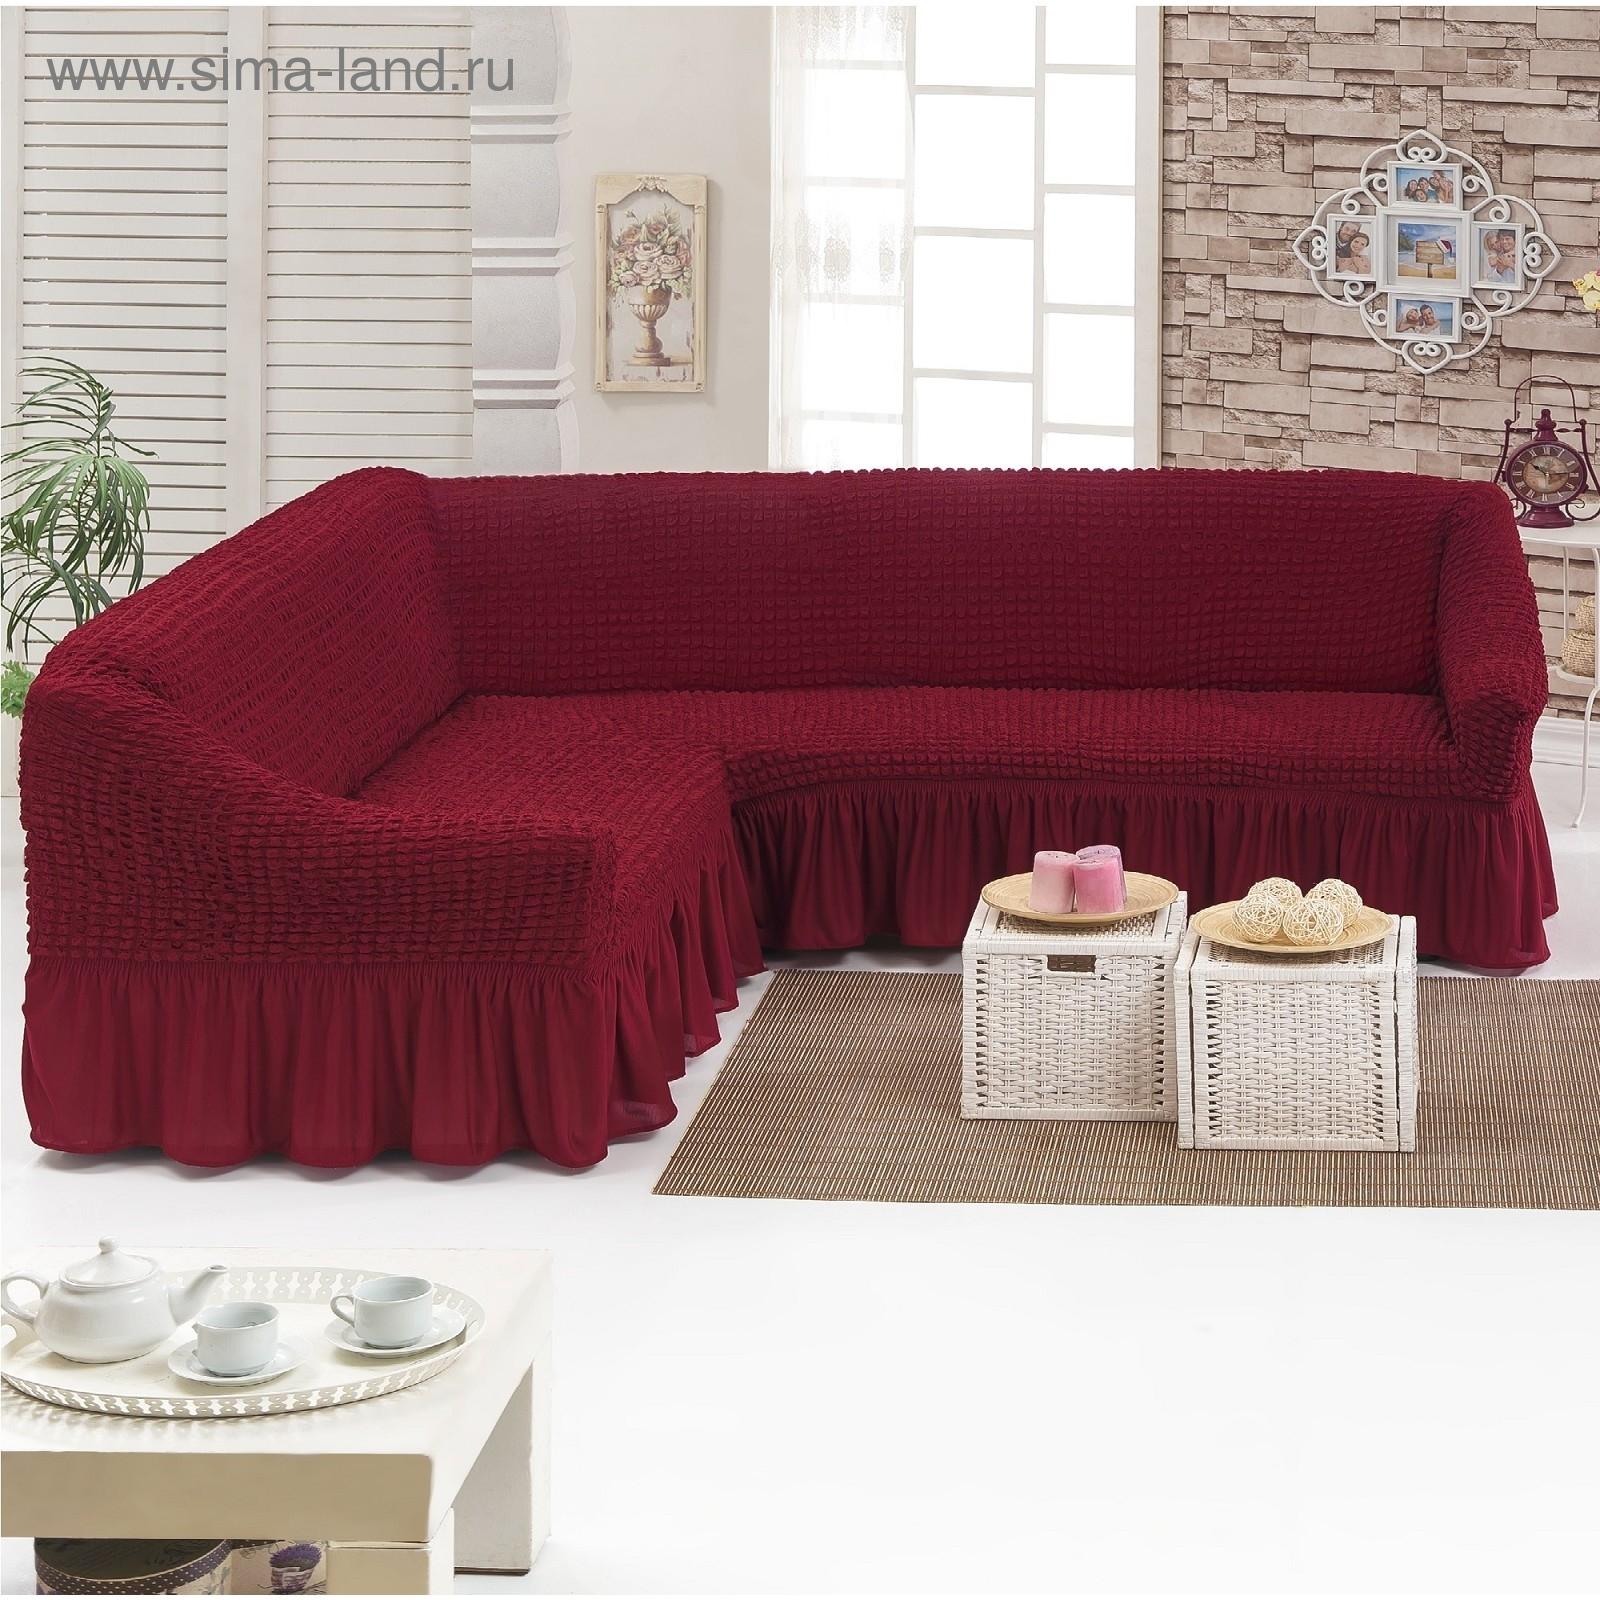 Если цвет мягкой мебели какао